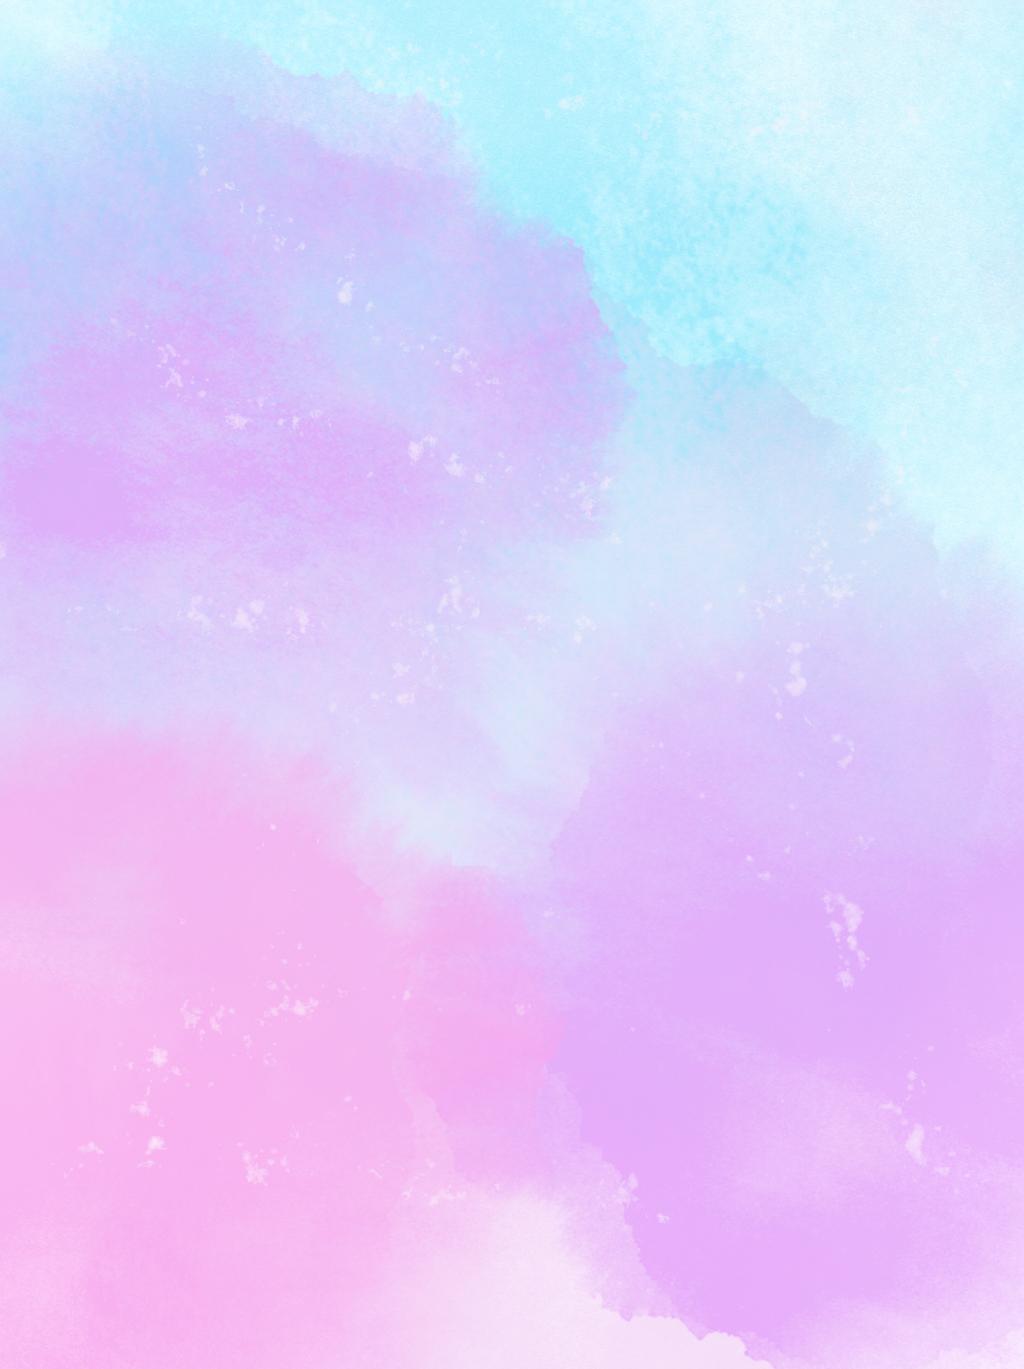 粉紫色背景_粉紫藍色水彩水彩背景 水彩風格 水彩背景 藍粉色背景圖片免費下載